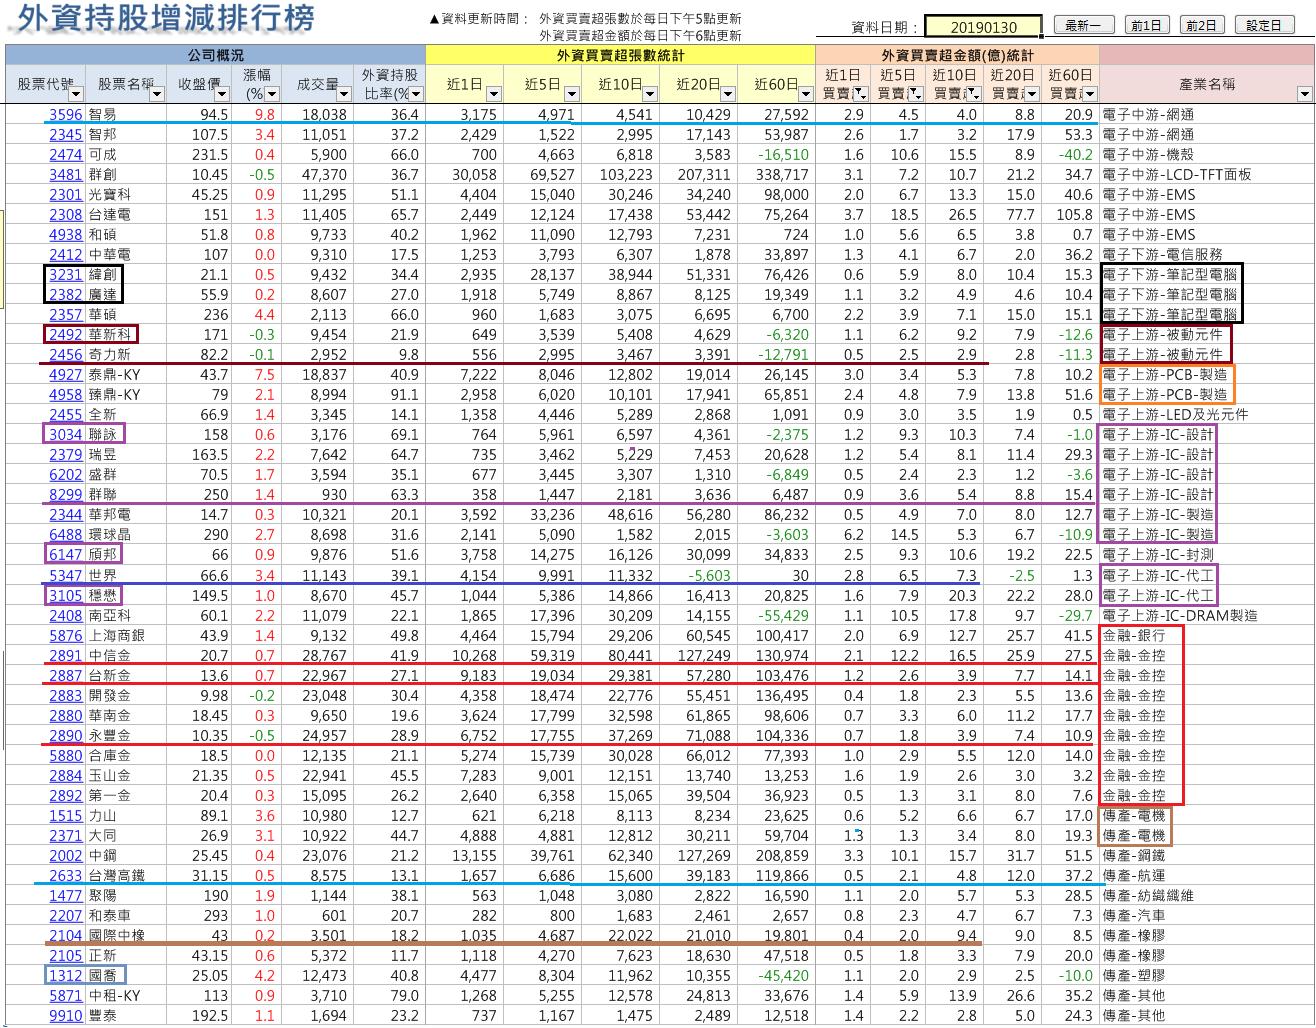 法人年前佈局族群及個股(2019-1-30止)_04